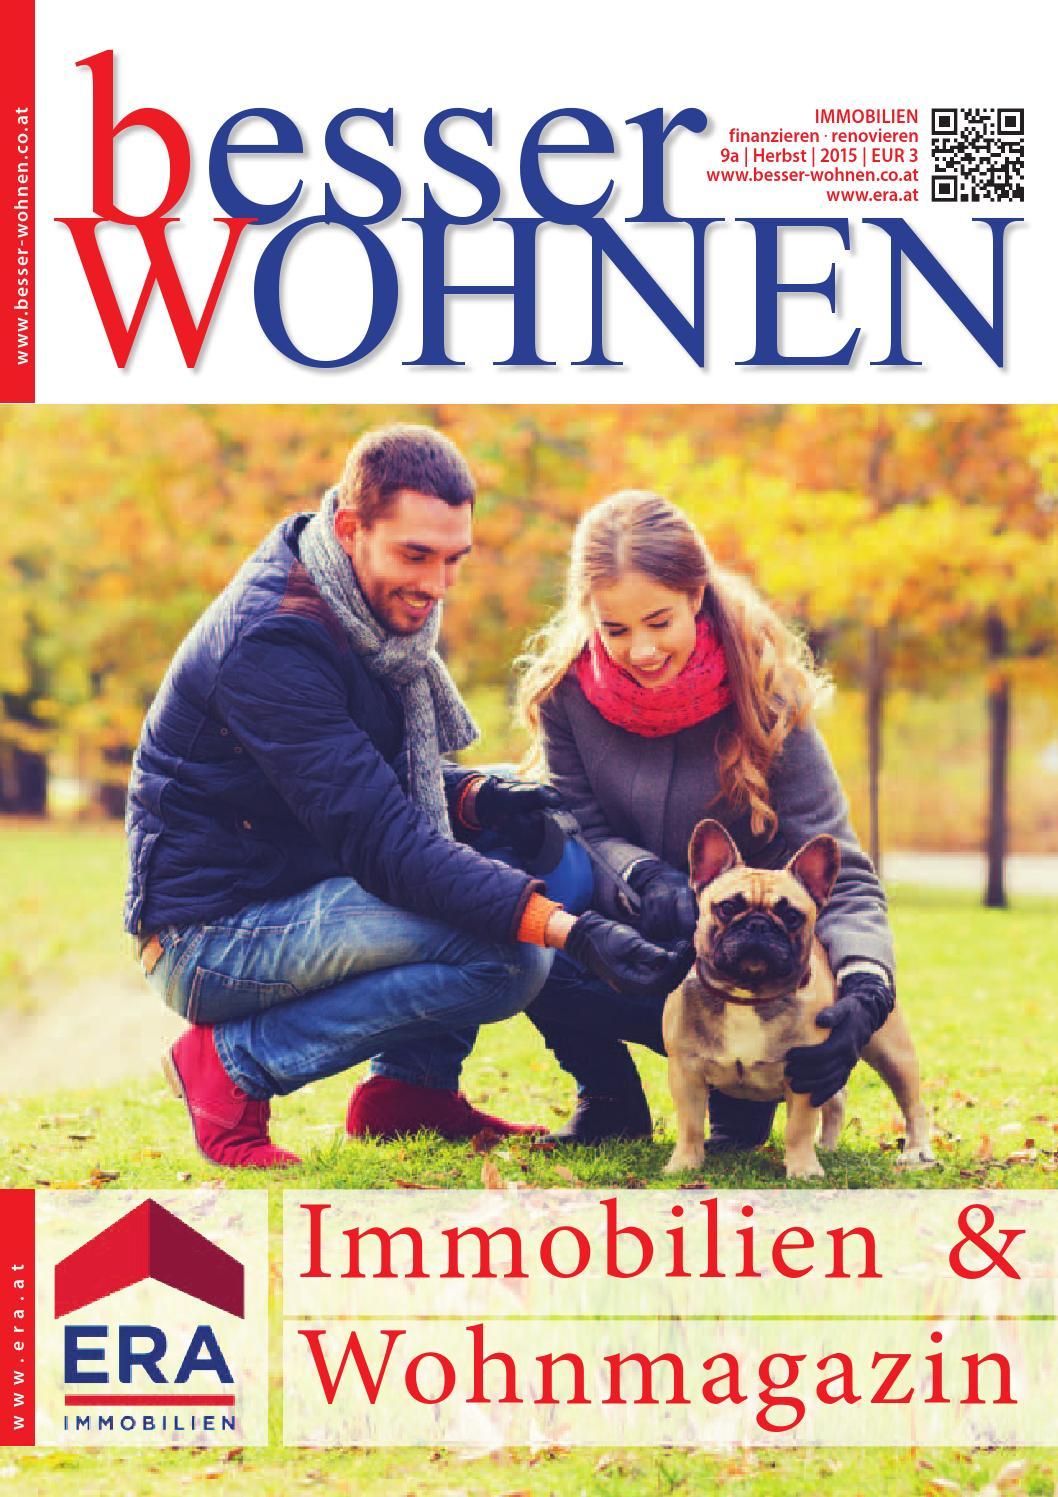 Besser Wohnen Herbst 2015 By ERA Austria   Issuu